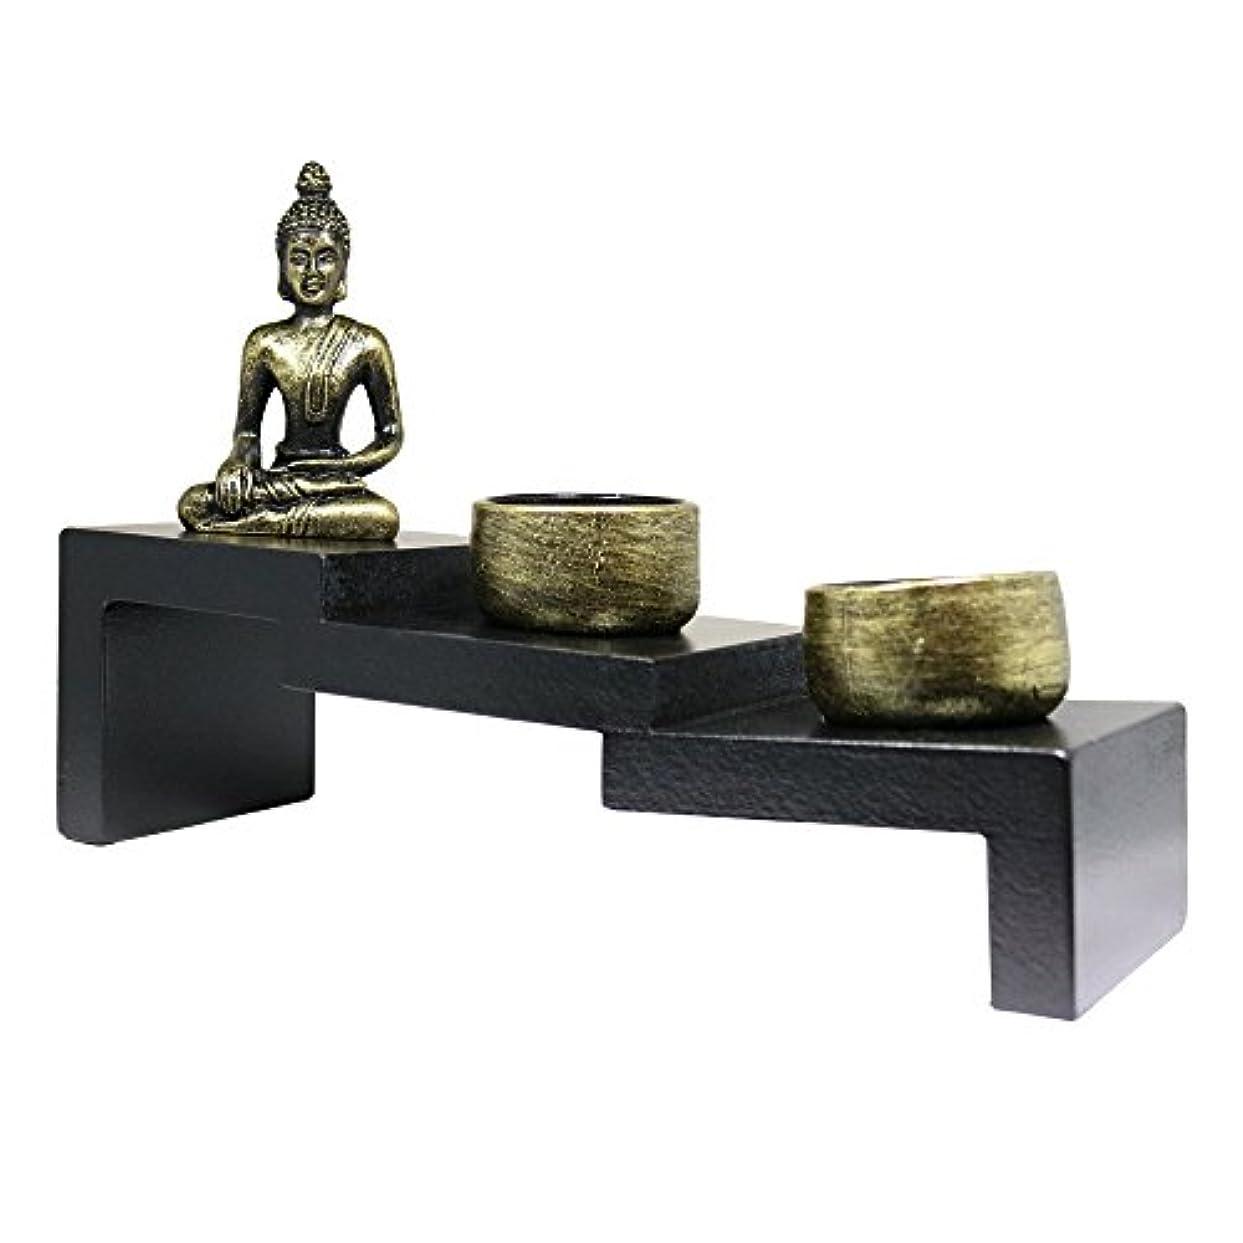 練習した容疑者大学生(Buddha Stairs) - Tabletop Incense Burner Gifts & Decor Zen Garden Kit with Statue Candle Holder USA SELLER (Buddha...